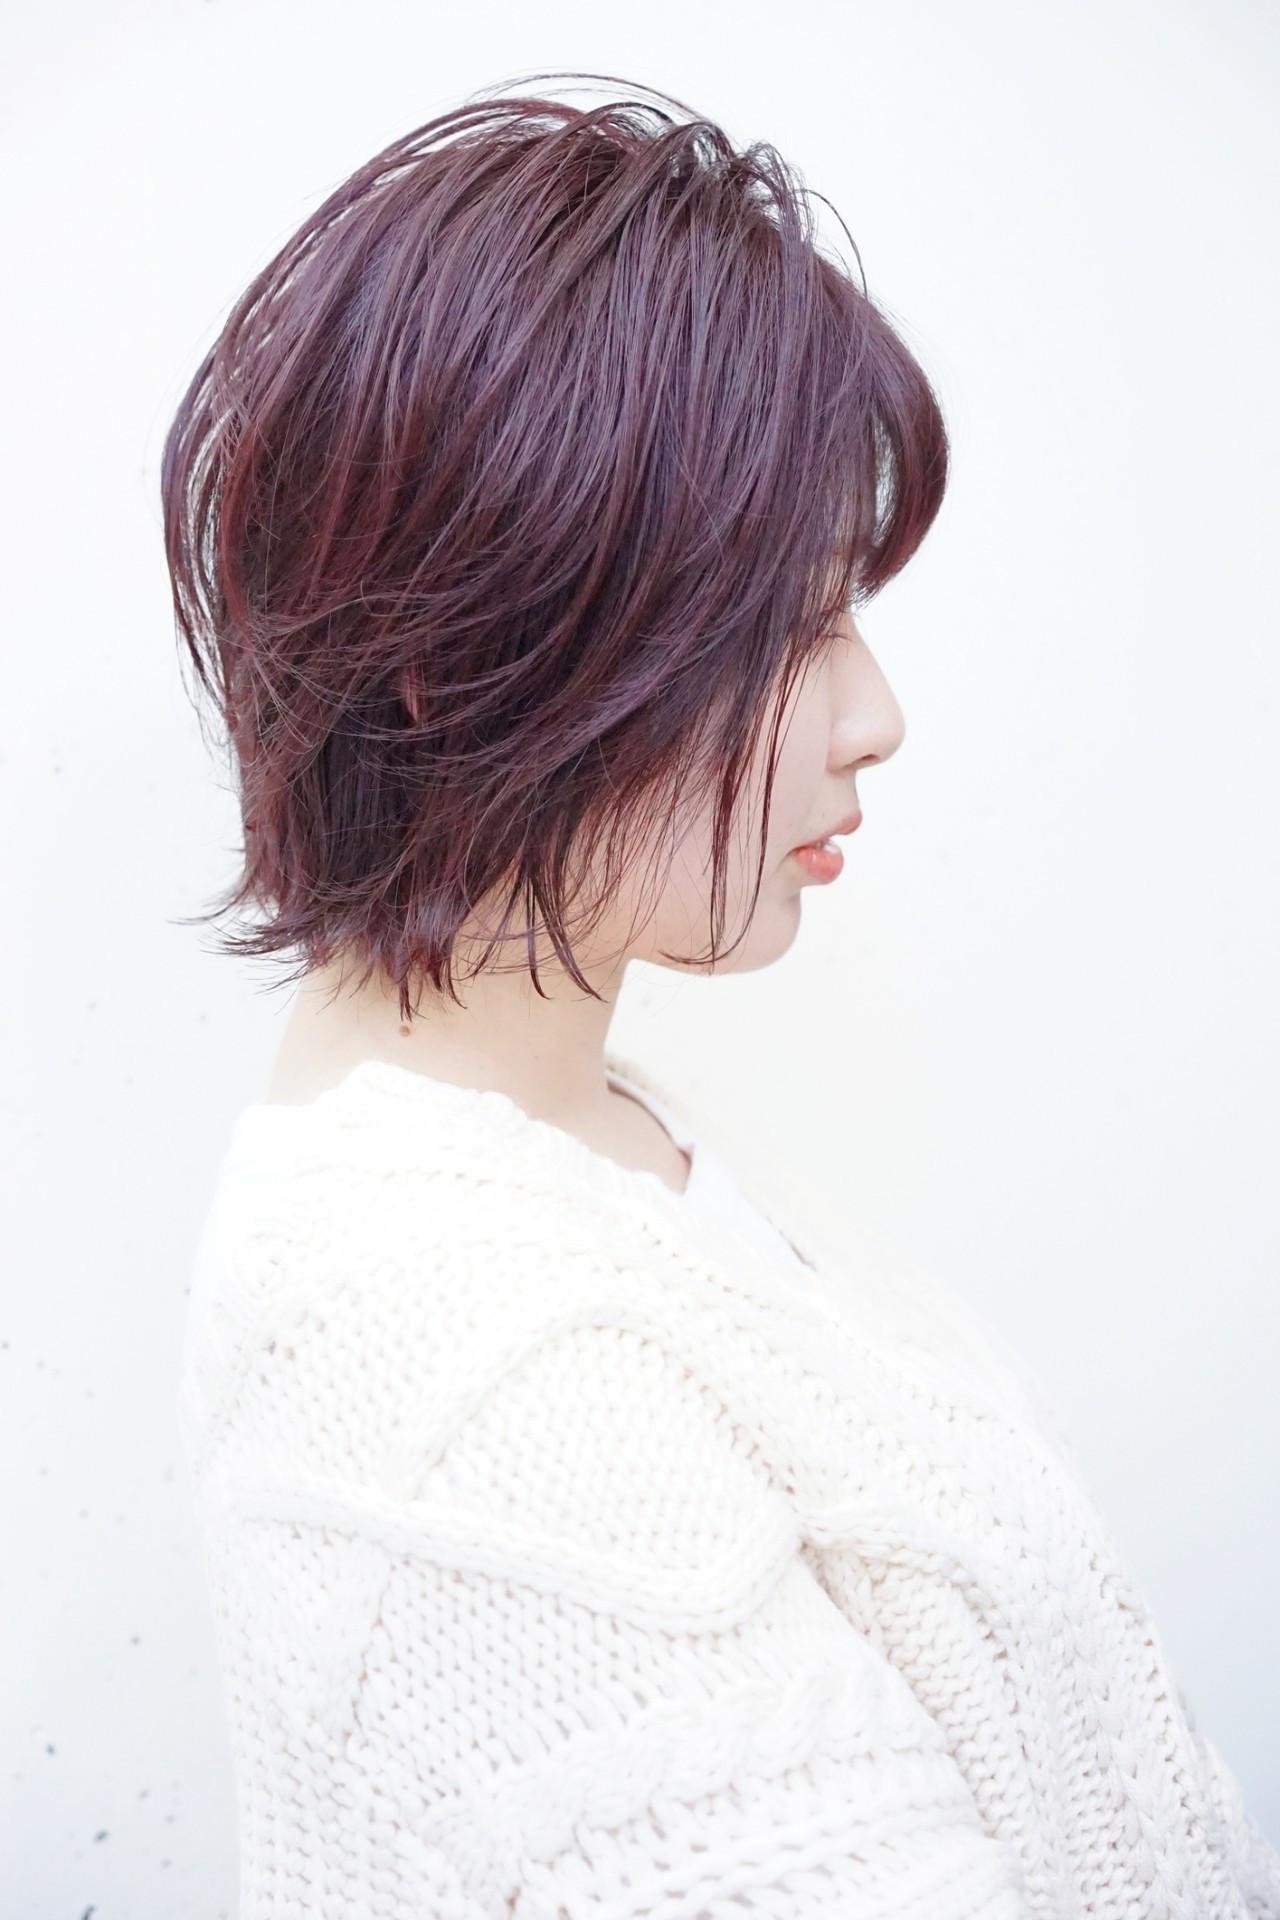 ショートヘア ピンク 大人かわいい ナチュラル ヘアスタイルや髪型の写真・画像